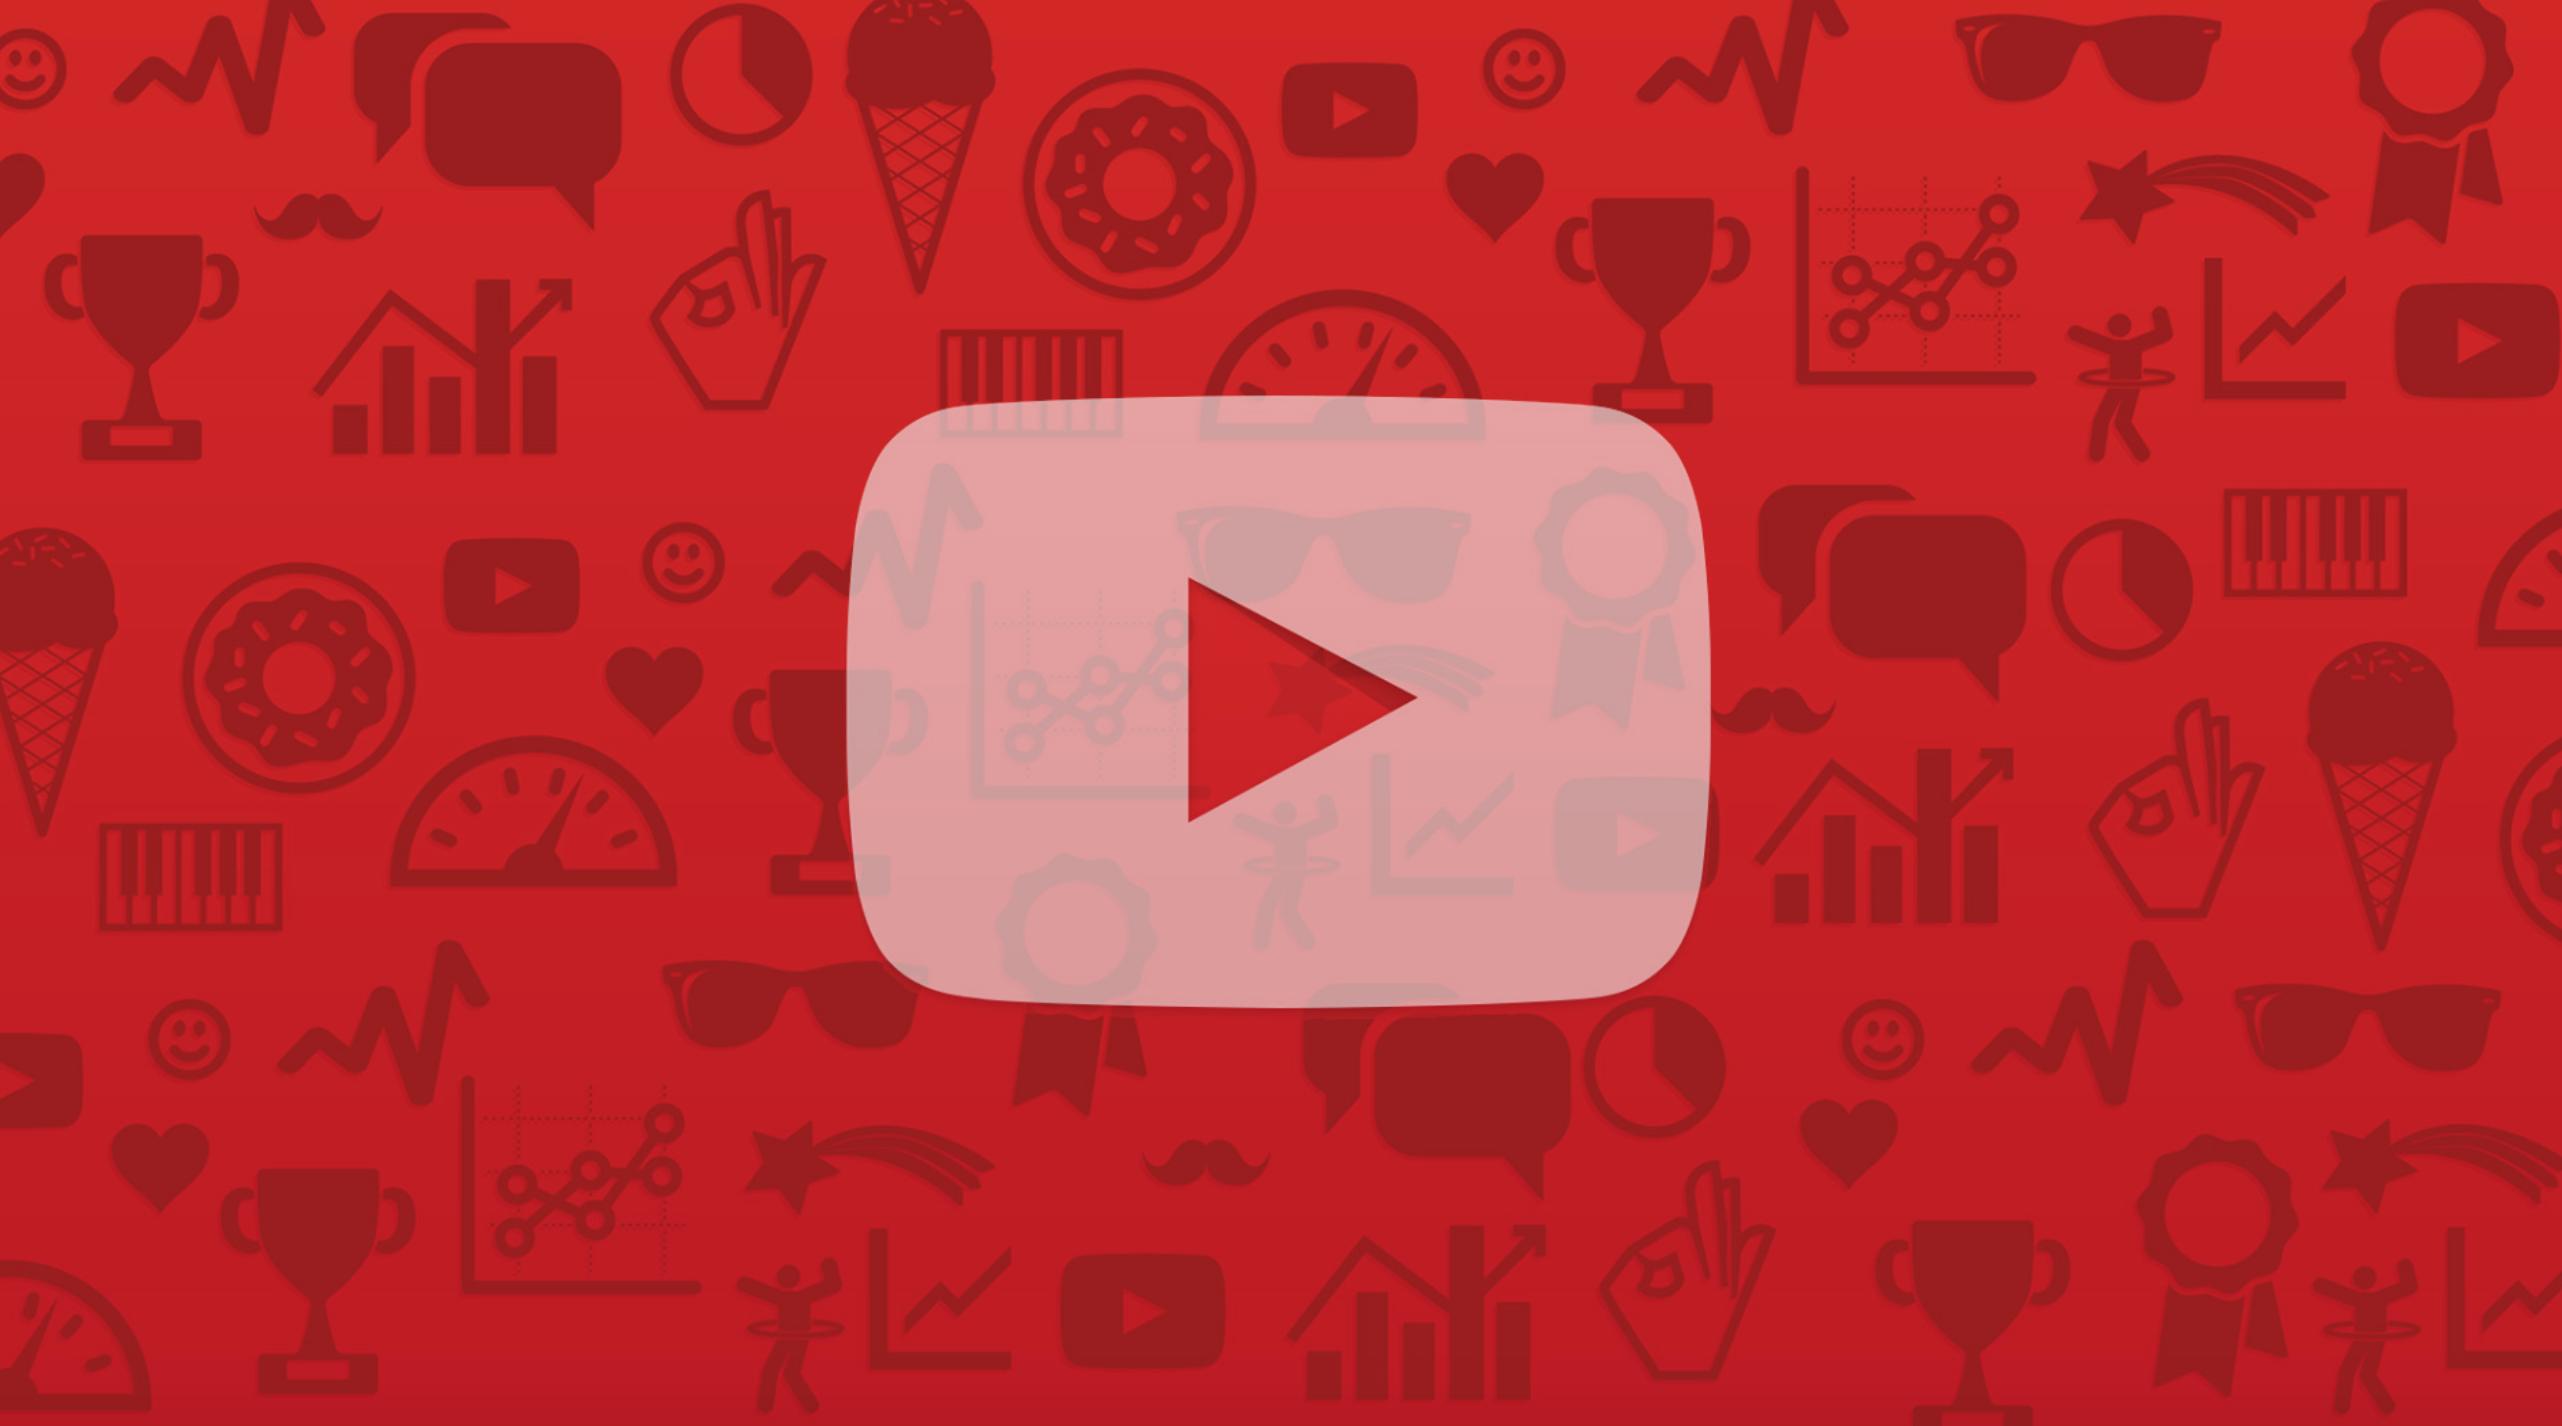 Youtube Yeni Arayüz - Teknoloji Haberleri (15 - 21 Ağustos 2019)